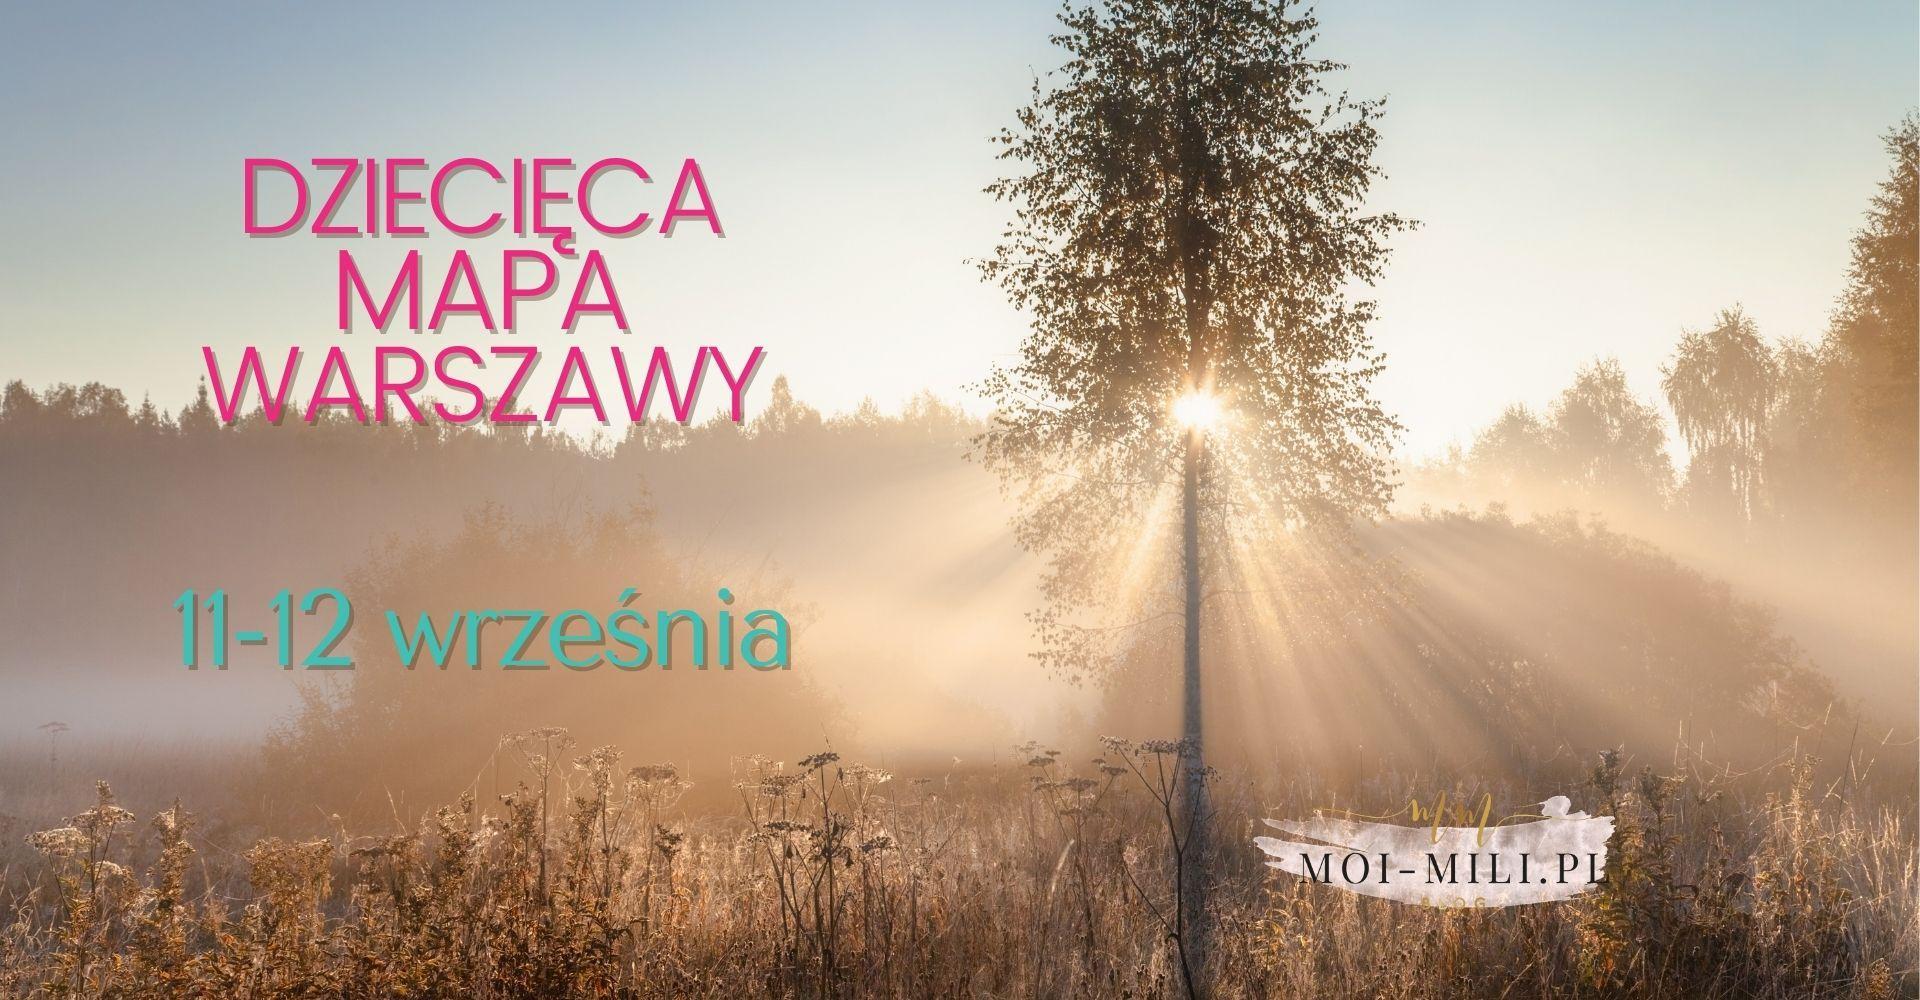 Weekendowa Zajawka, czyli co robić z dzieckiem w Warszawie 11-12 września